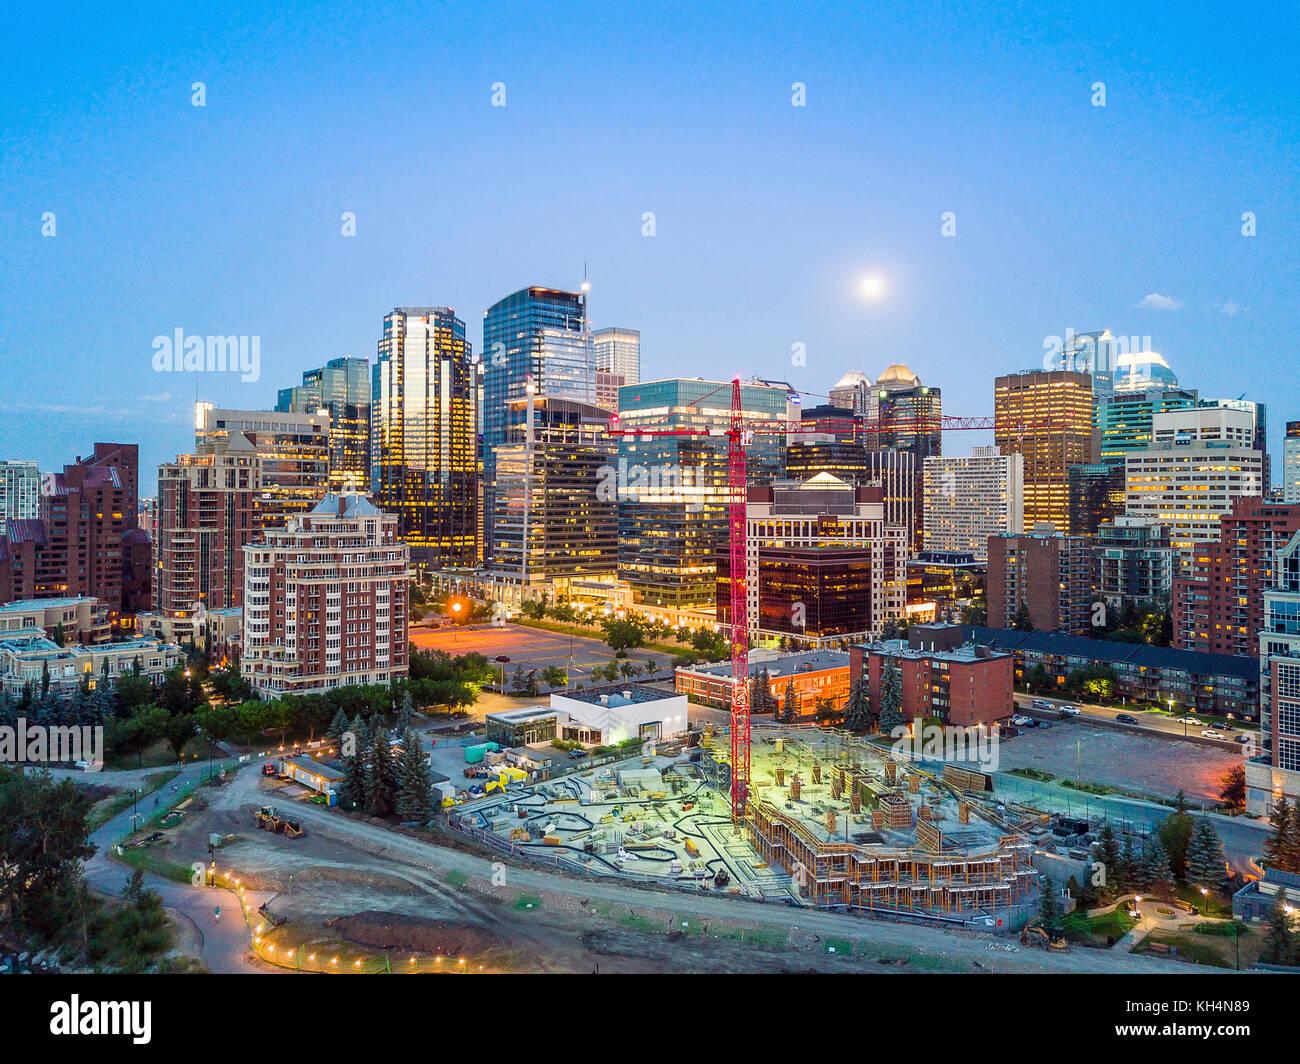 Downtown Calgary mit Baustelle von der River, Alberta, Kanada Stockbild